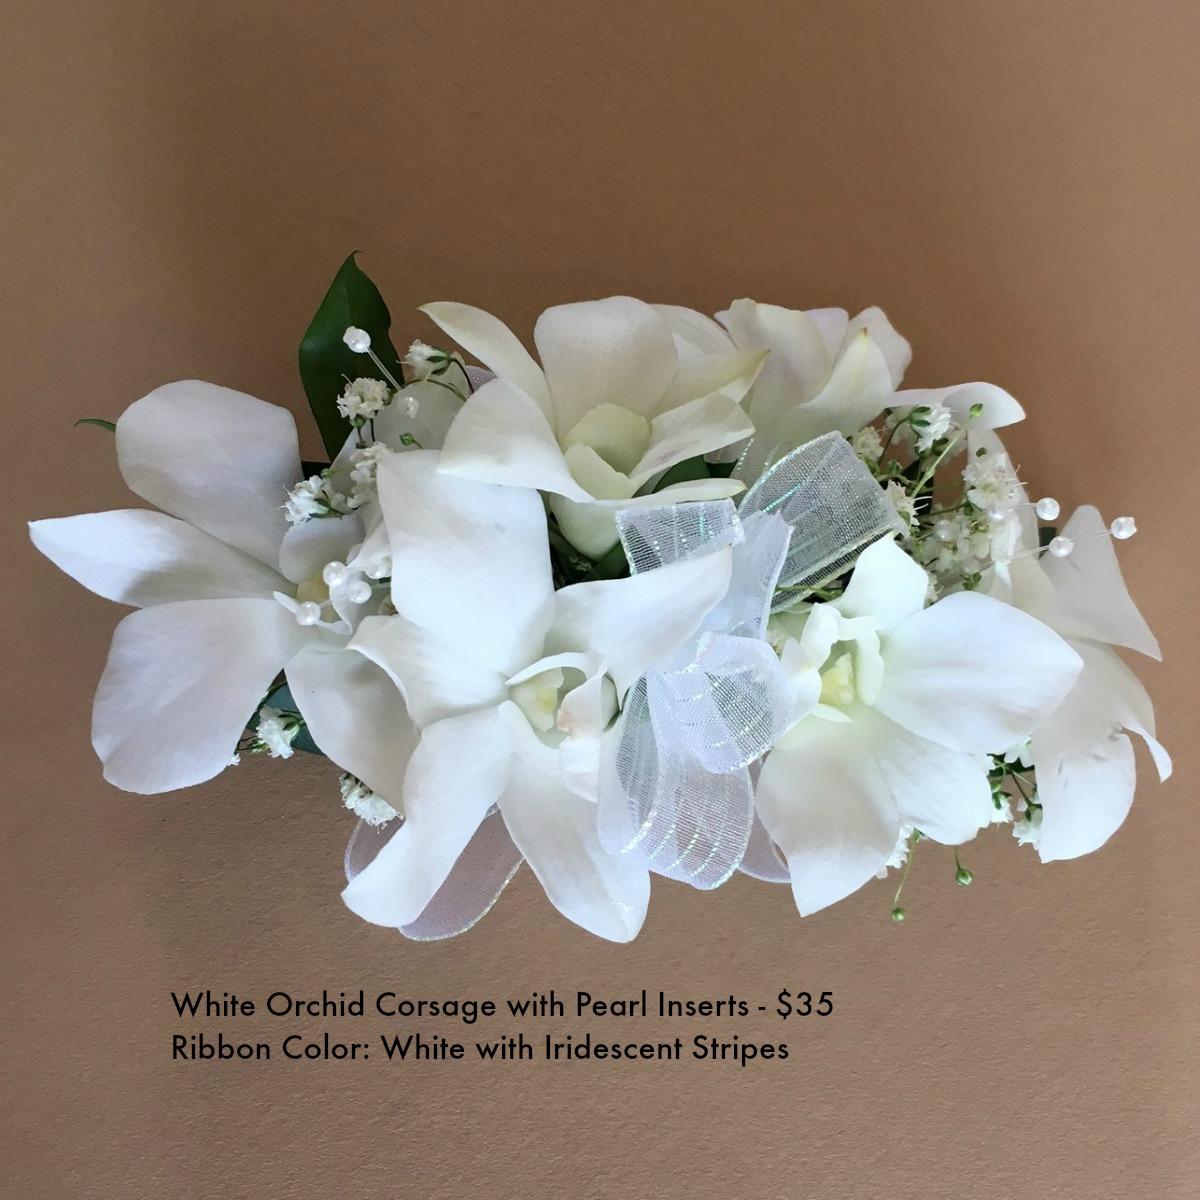 whiteorchidcorsage.jpg